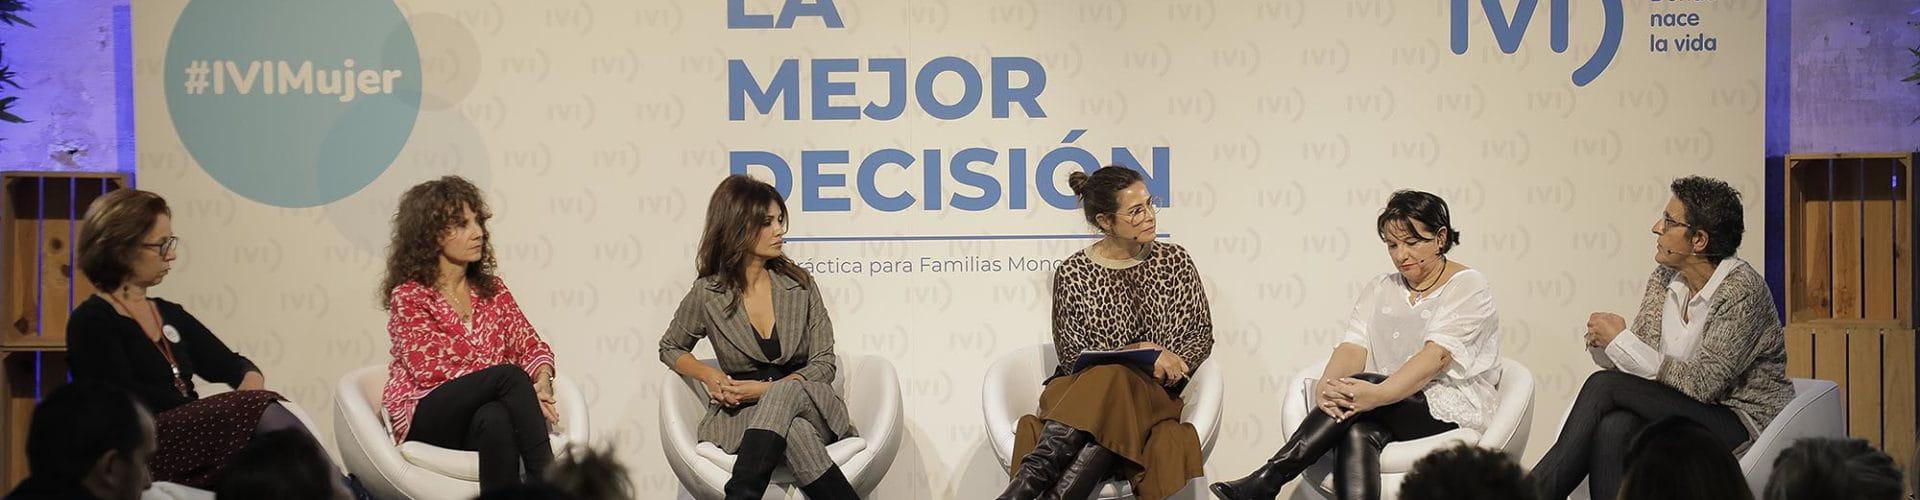 La mejor decisión: guia para familias monoparentales IVI